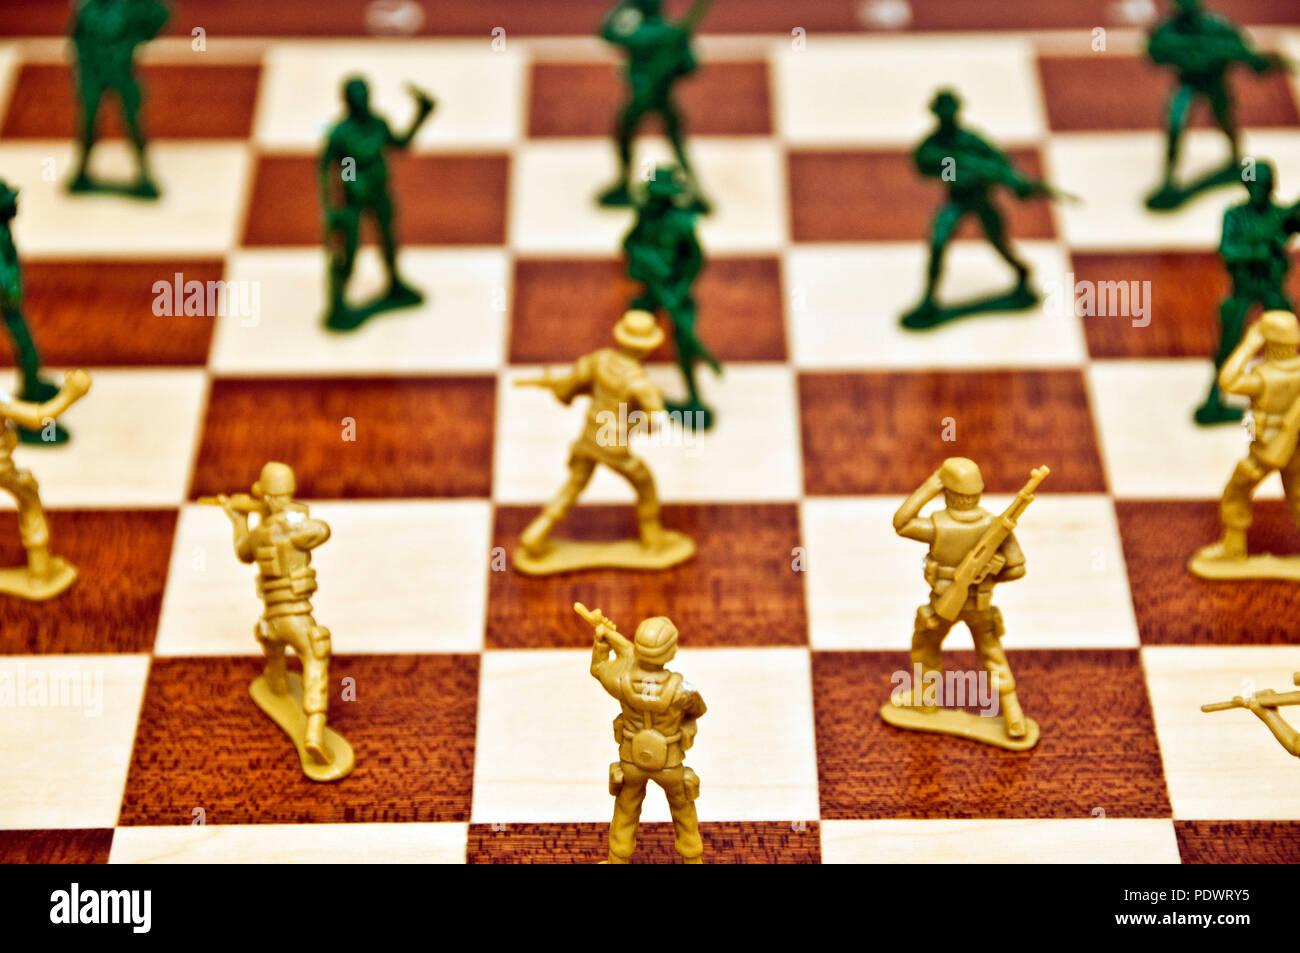 Giocattolo di plastica soldati su una scacchiera Immagini Stock